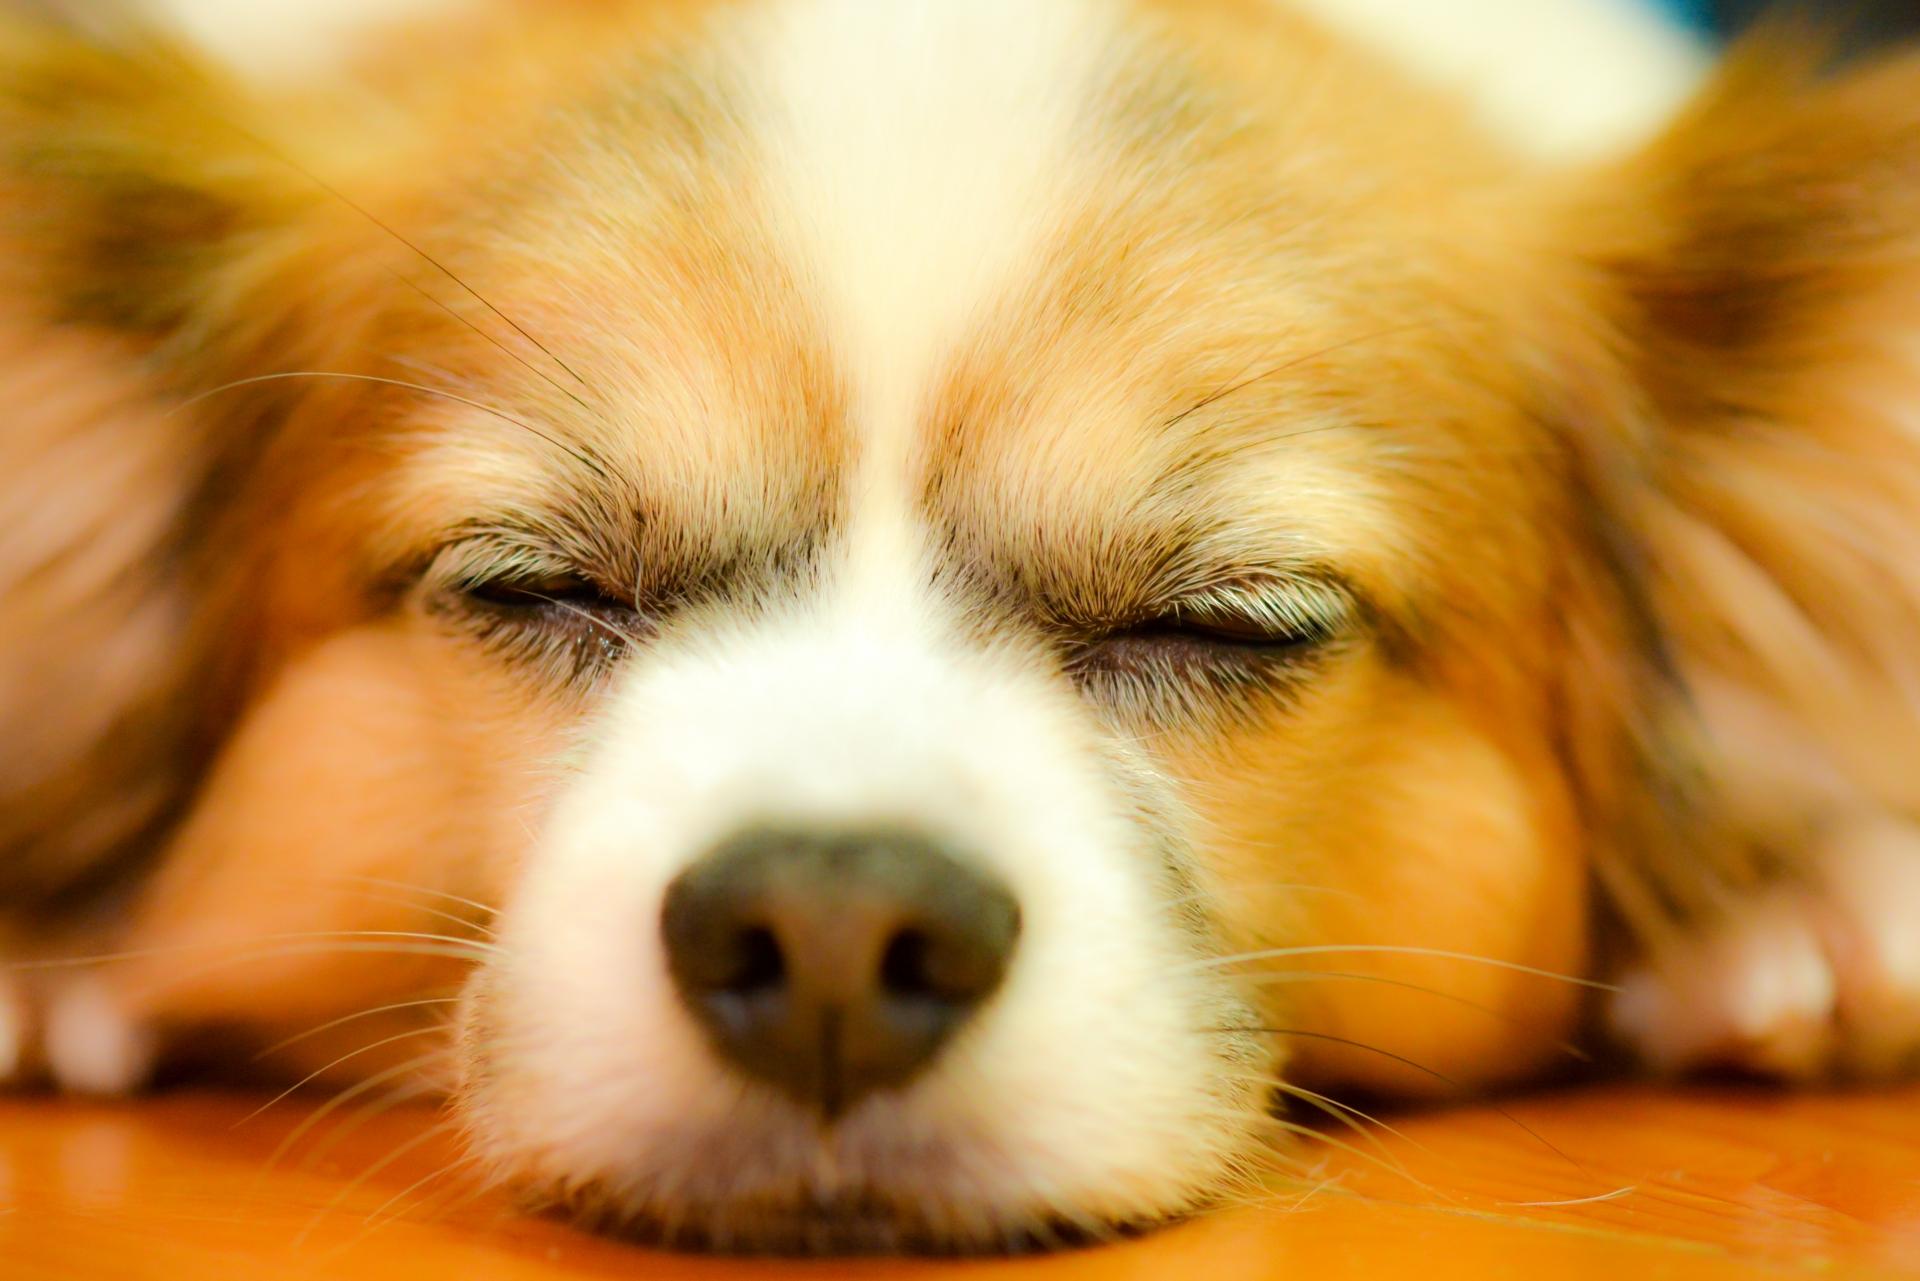 睡眠時間の理想は何時間?思考錯誤の末に出たベストタイムはコレ!